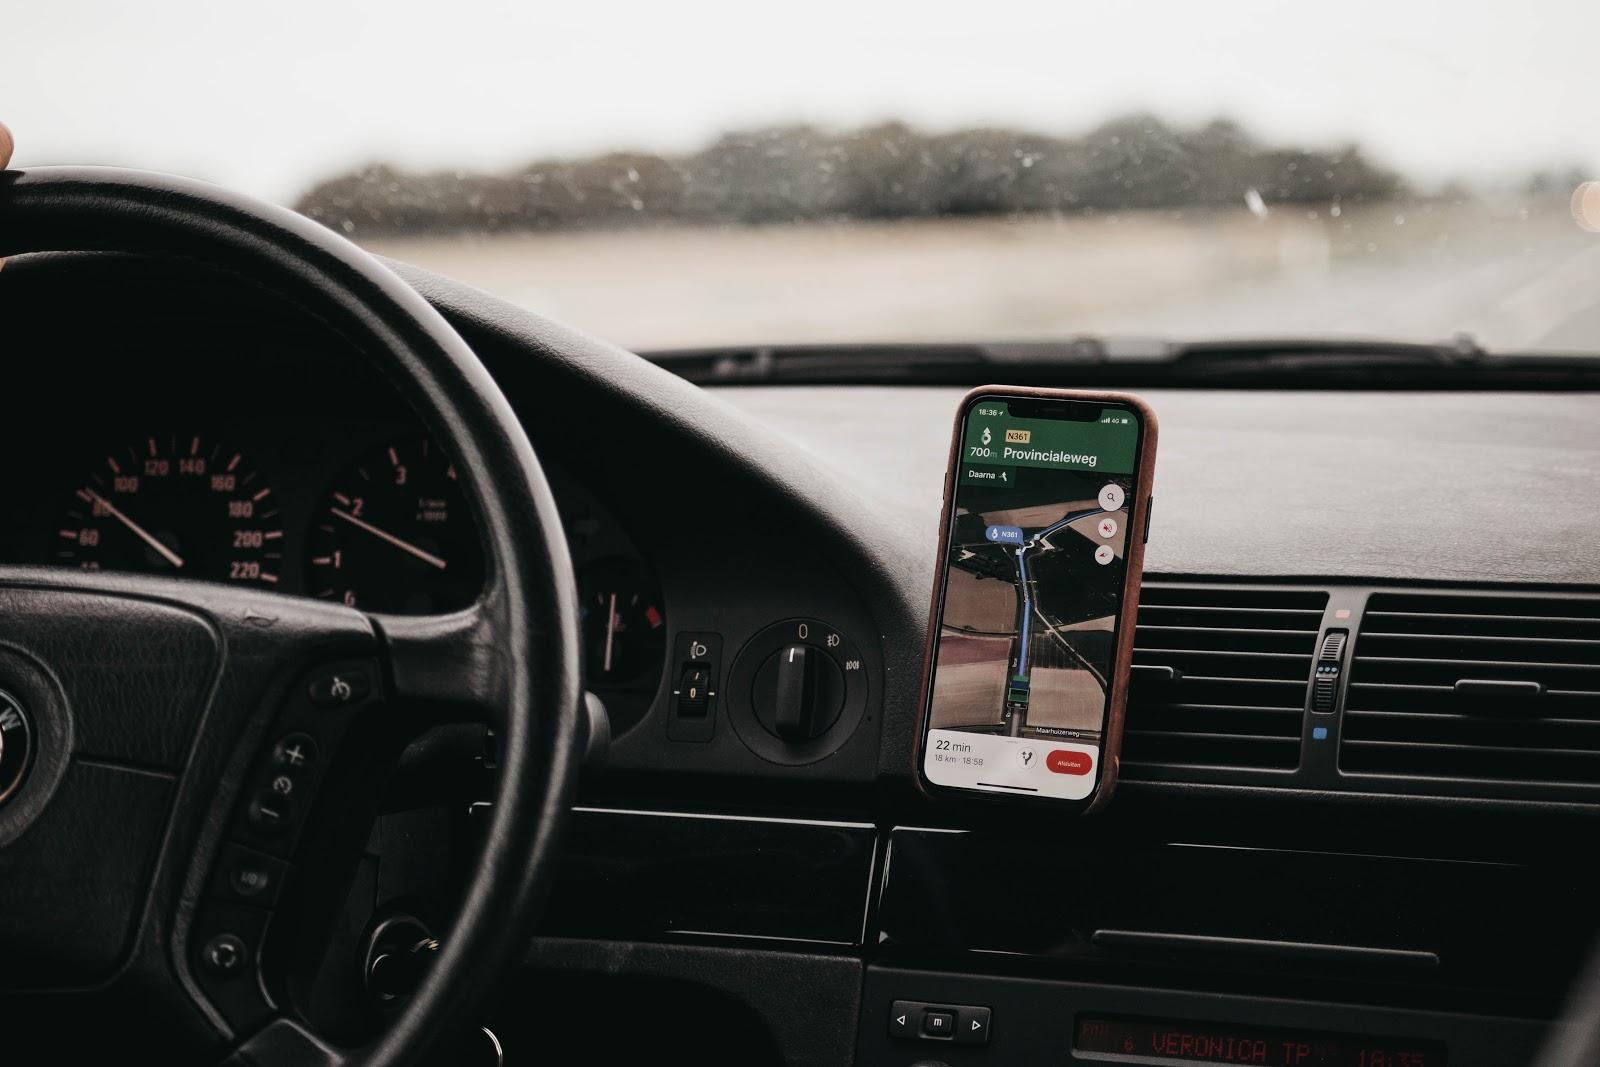 Op roadtrip vakantie - navigatie